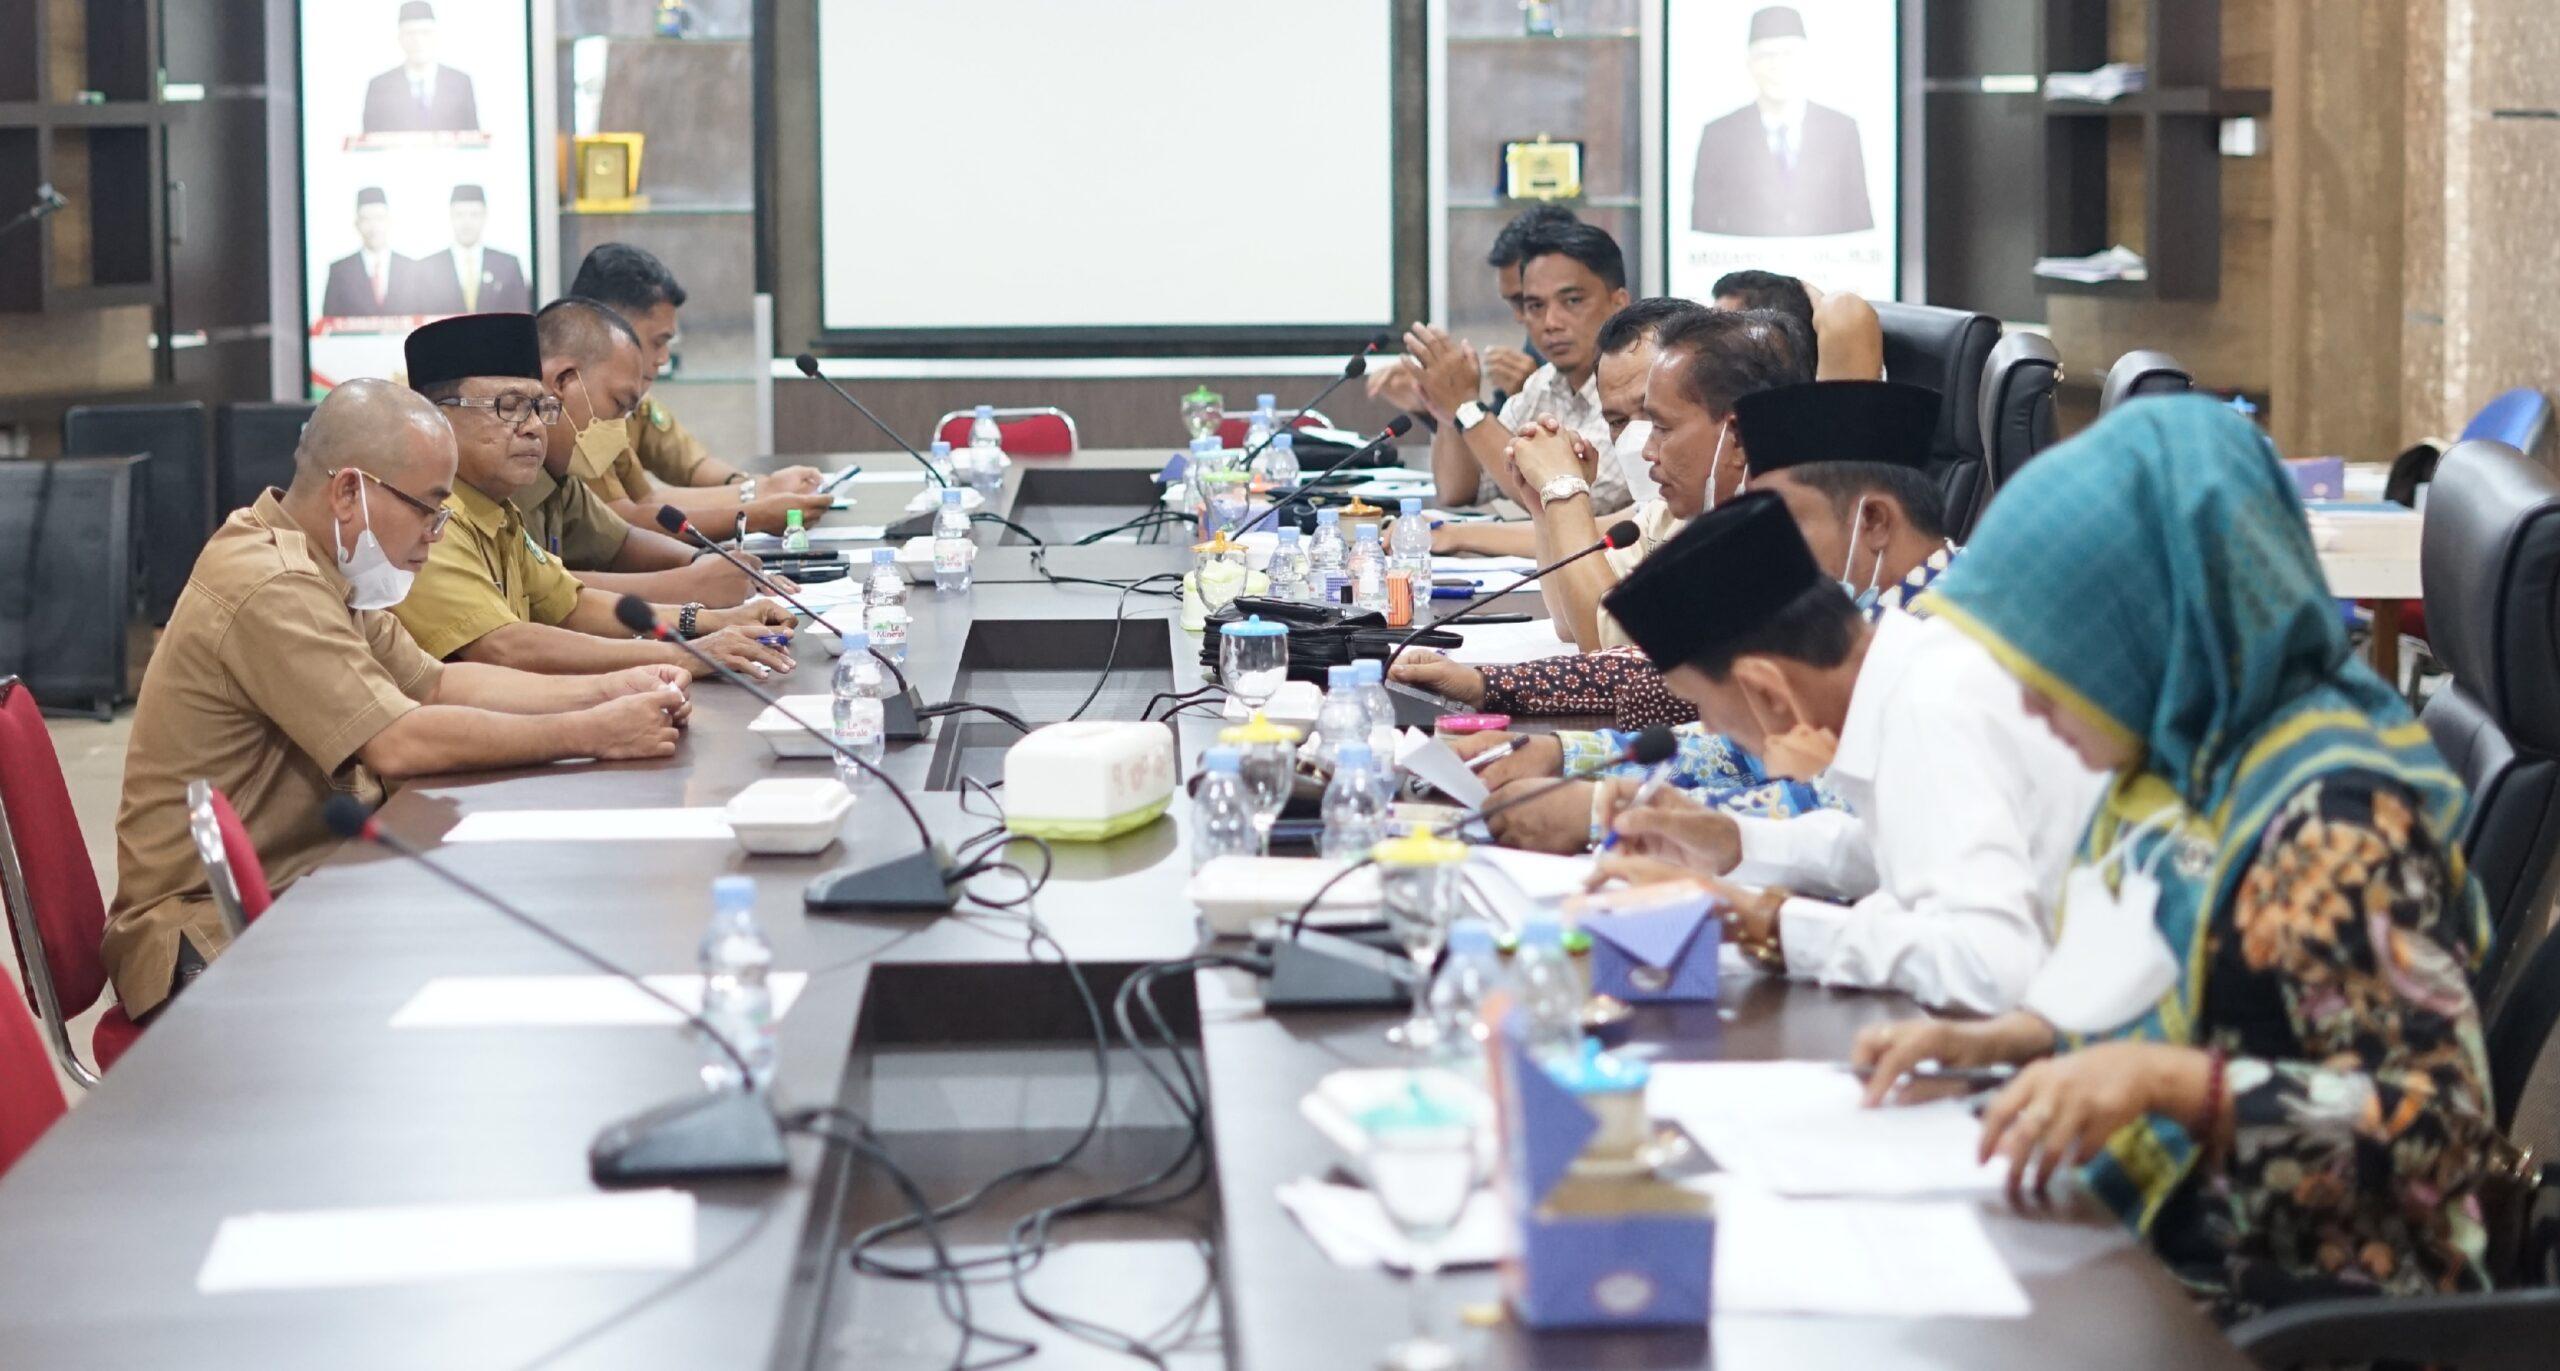 Foto DPRD komisi I Meranti saat membahas bersama OPD Terkait.